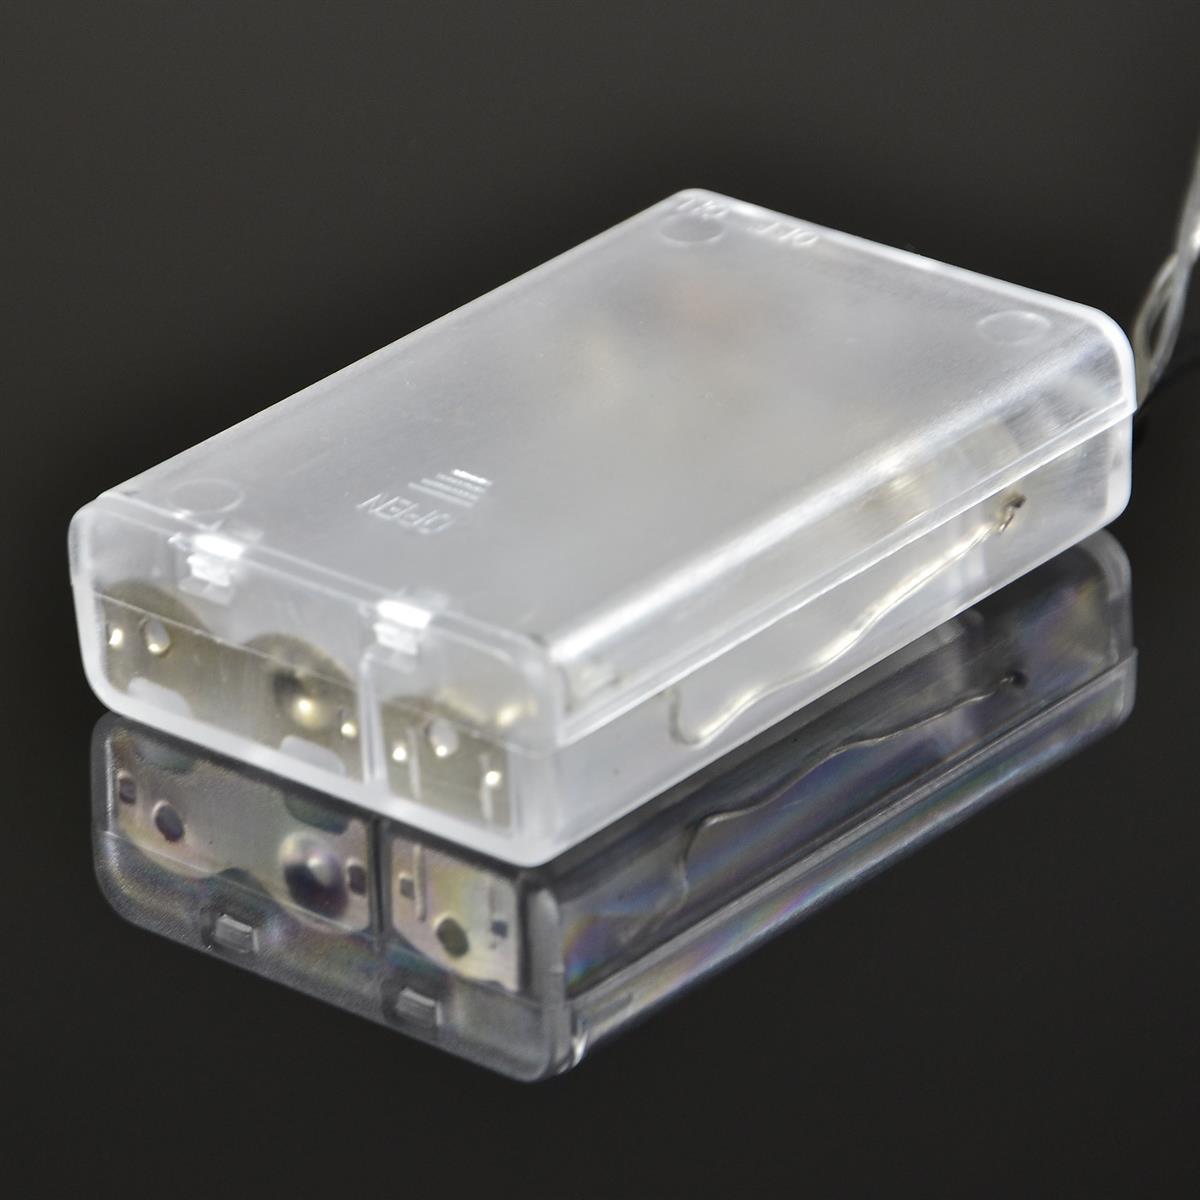 Weihnachtsbeleuchtung Mit Batteriebetrieb.20er Led Lichterkette Blau Batteriebetrieb Innen Batteriebetrieben